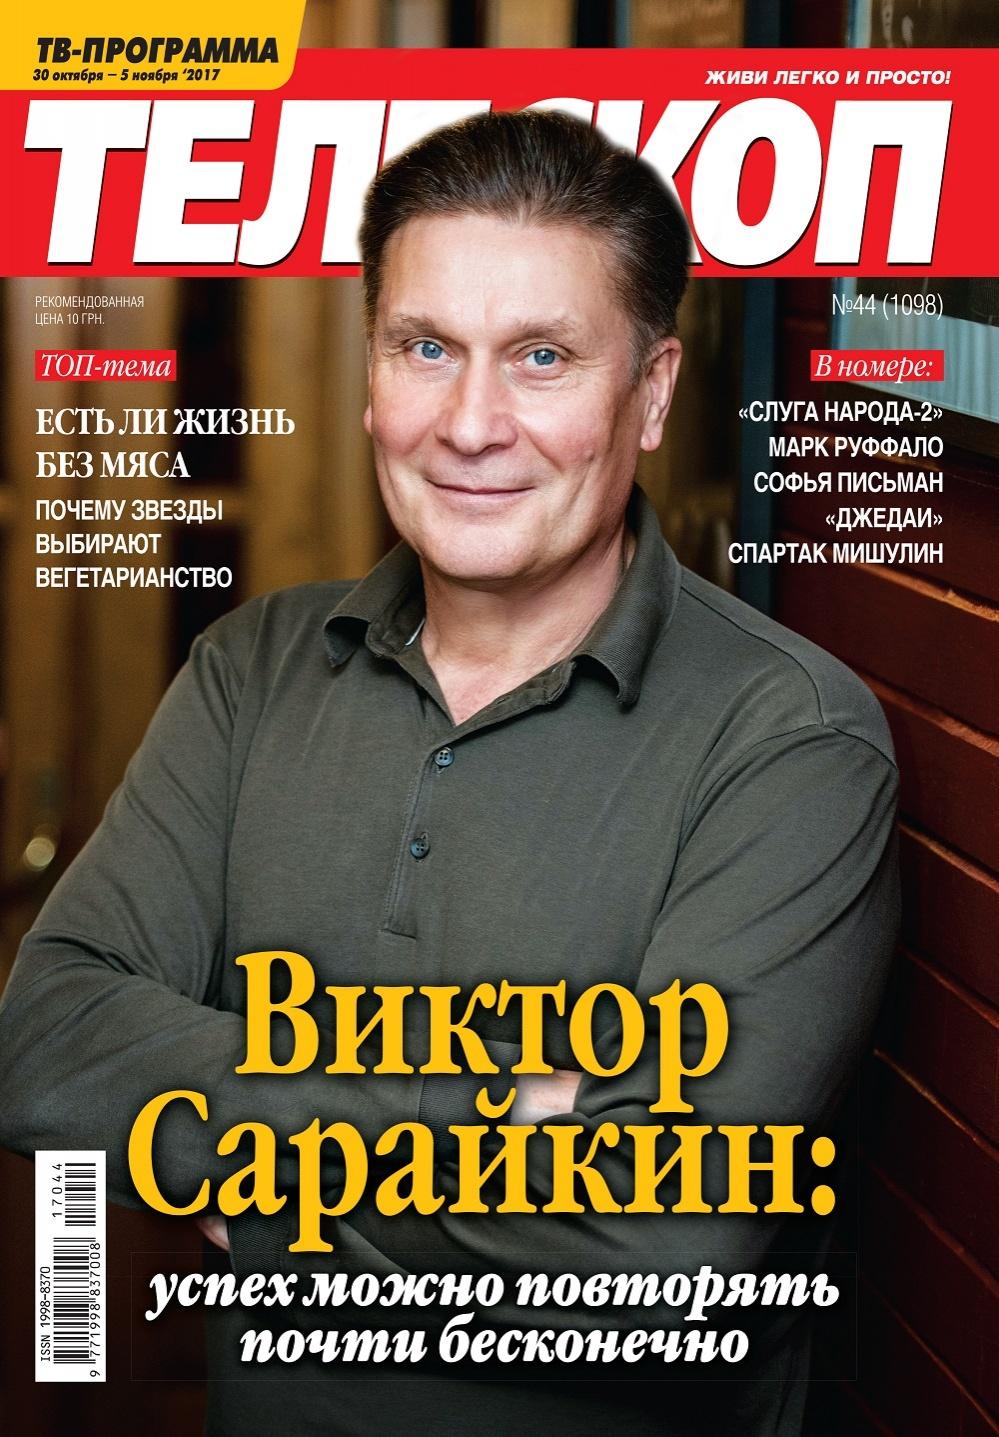 viktor-saraykin-uspeh-mozhno-povtoryat-pochti-beskonechno_01